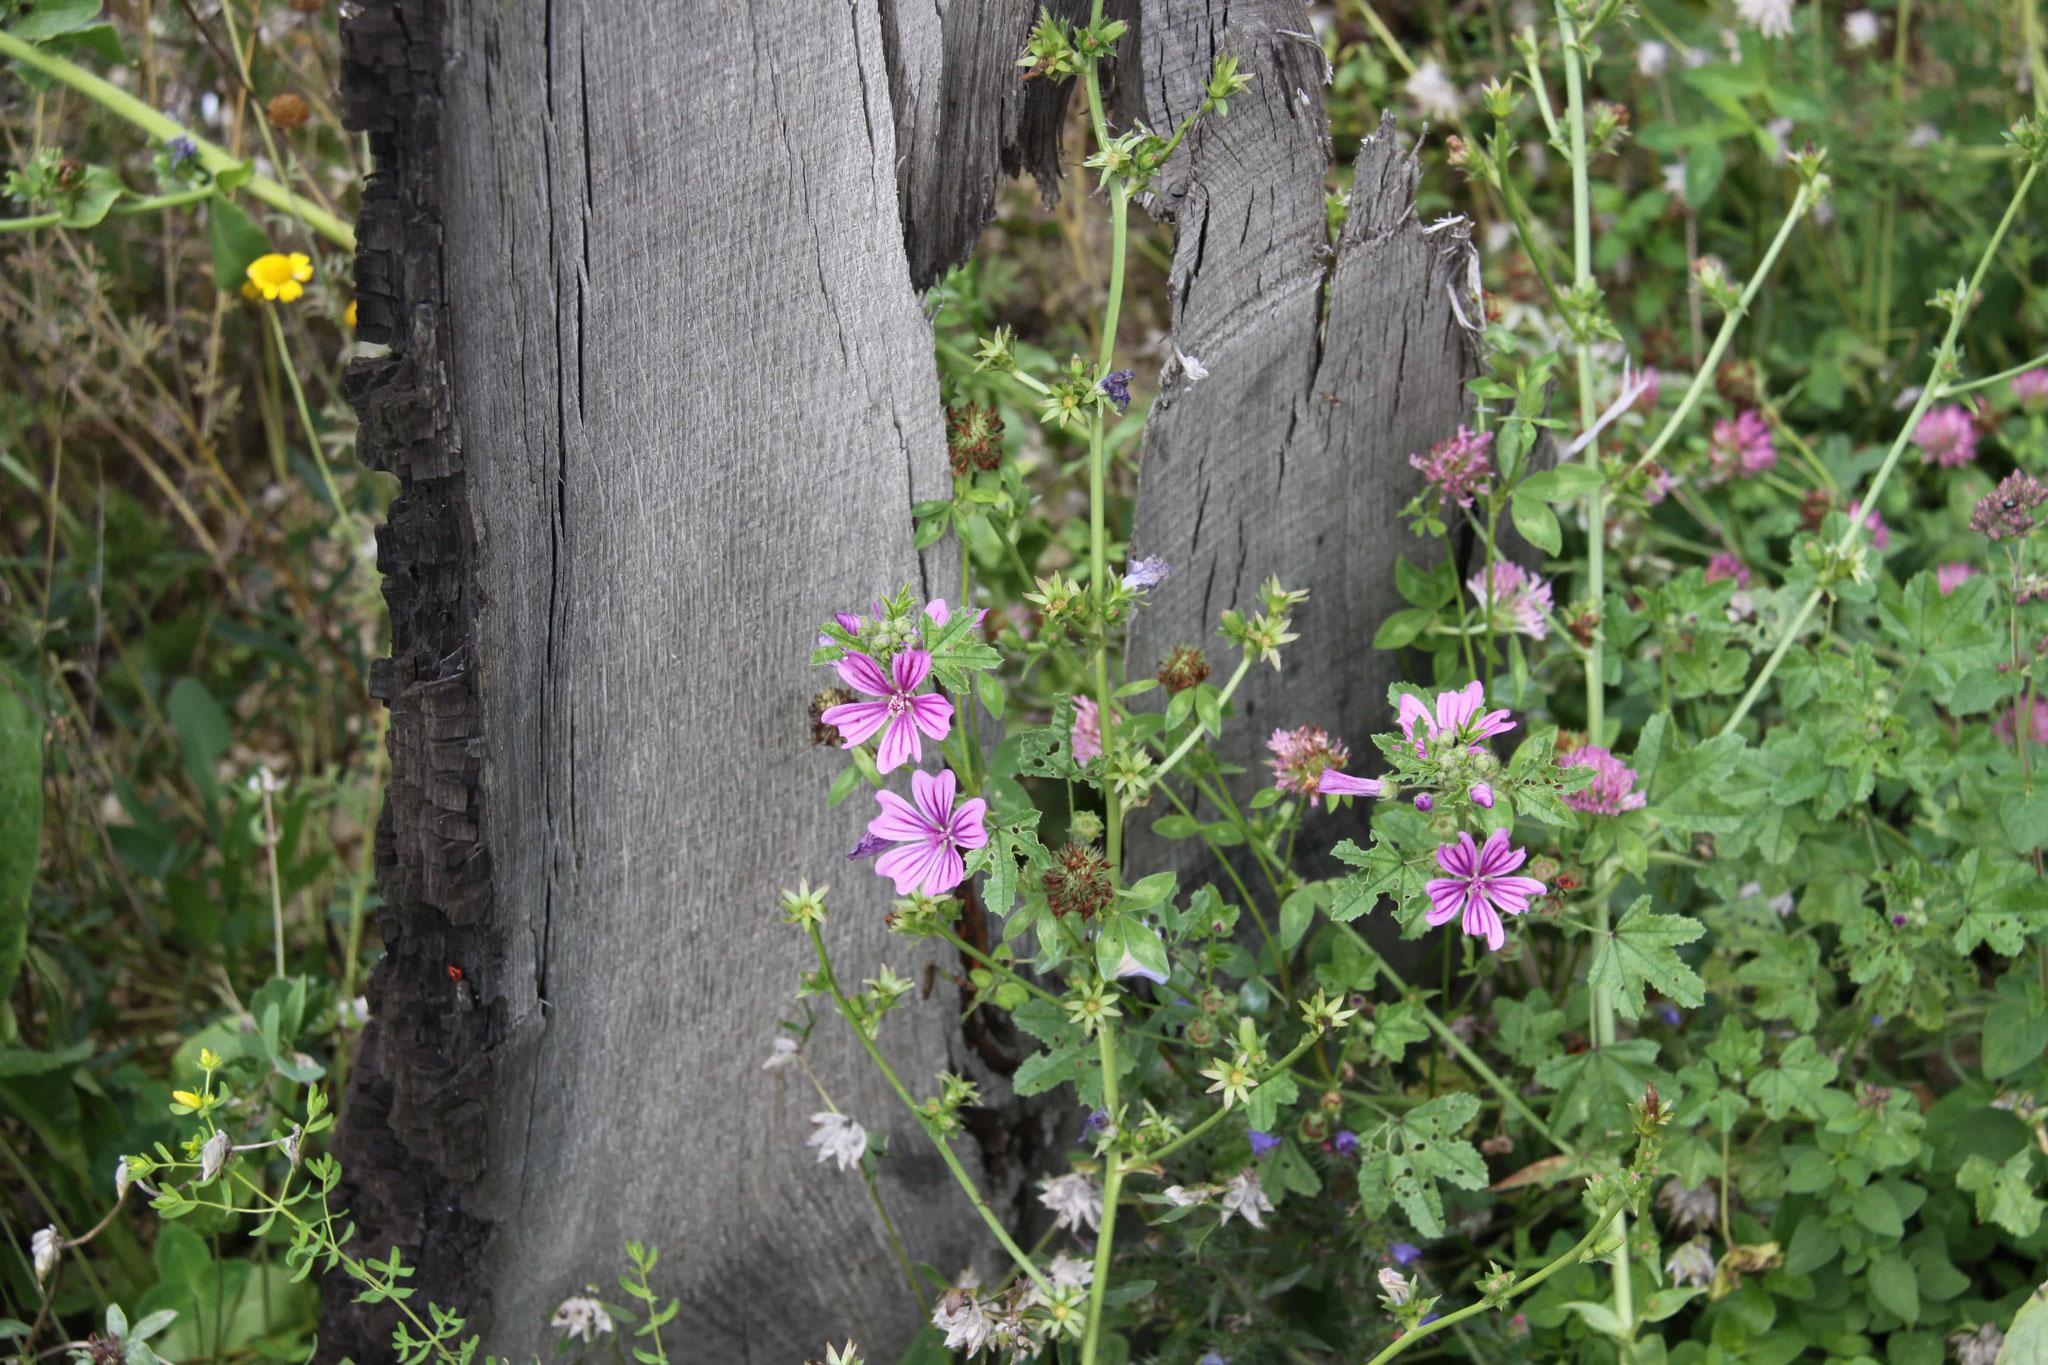 Totholz und wilde Malve